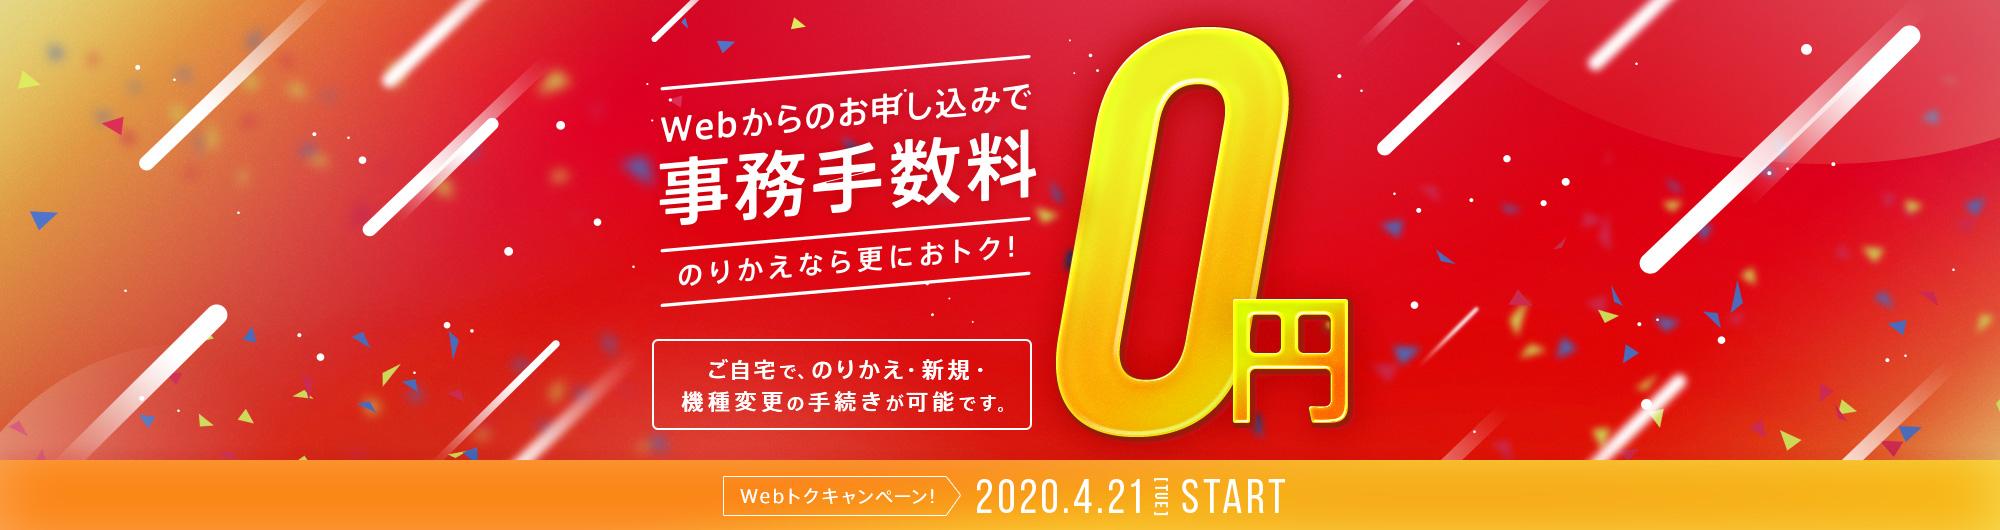 Webトクキャンペーン